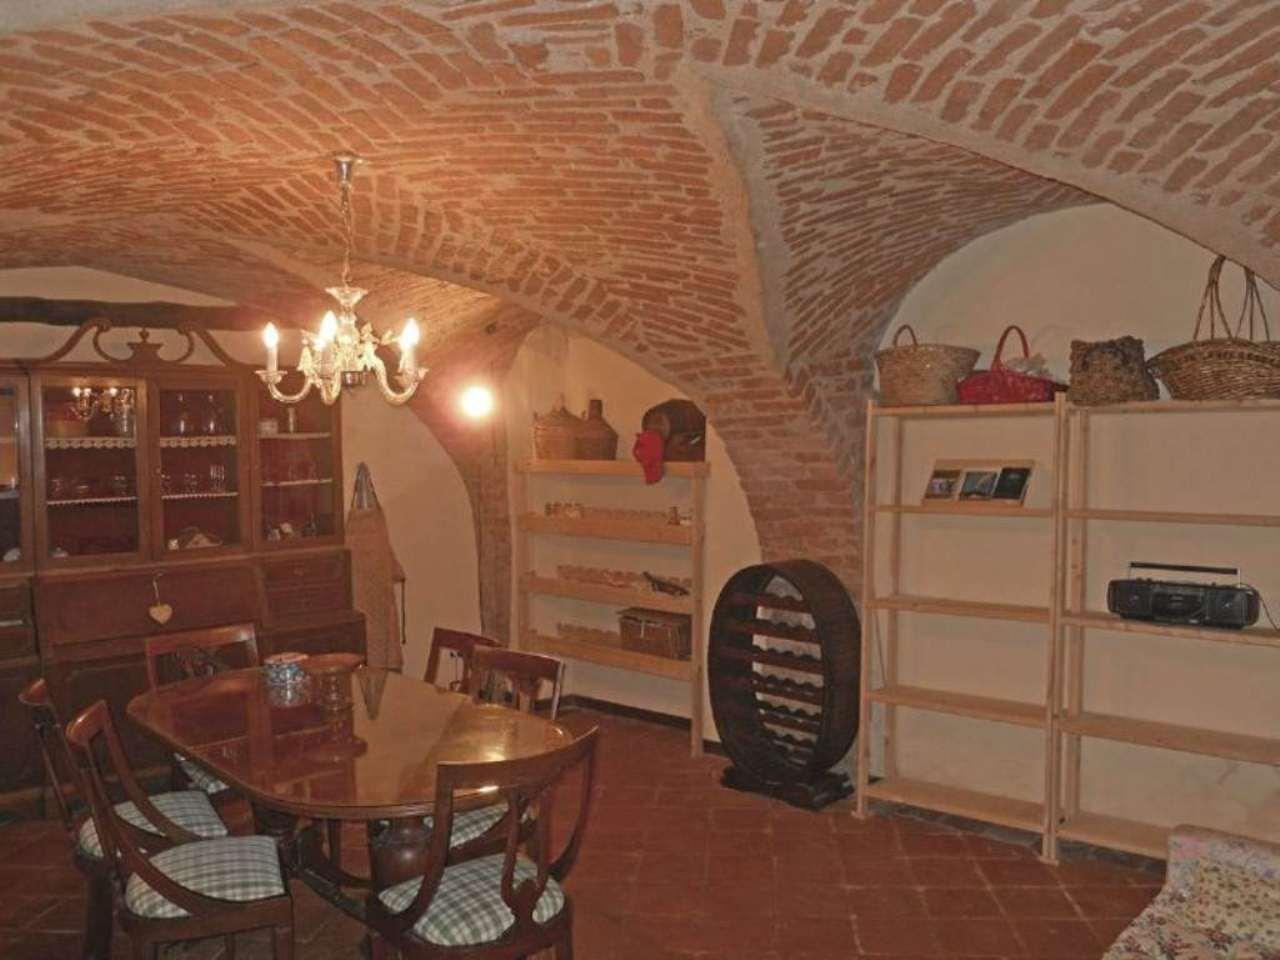 Palazzo / Stabile in vendita a Clavesana, 5 locali, prezzo € 100.000 | CambioCasa.it